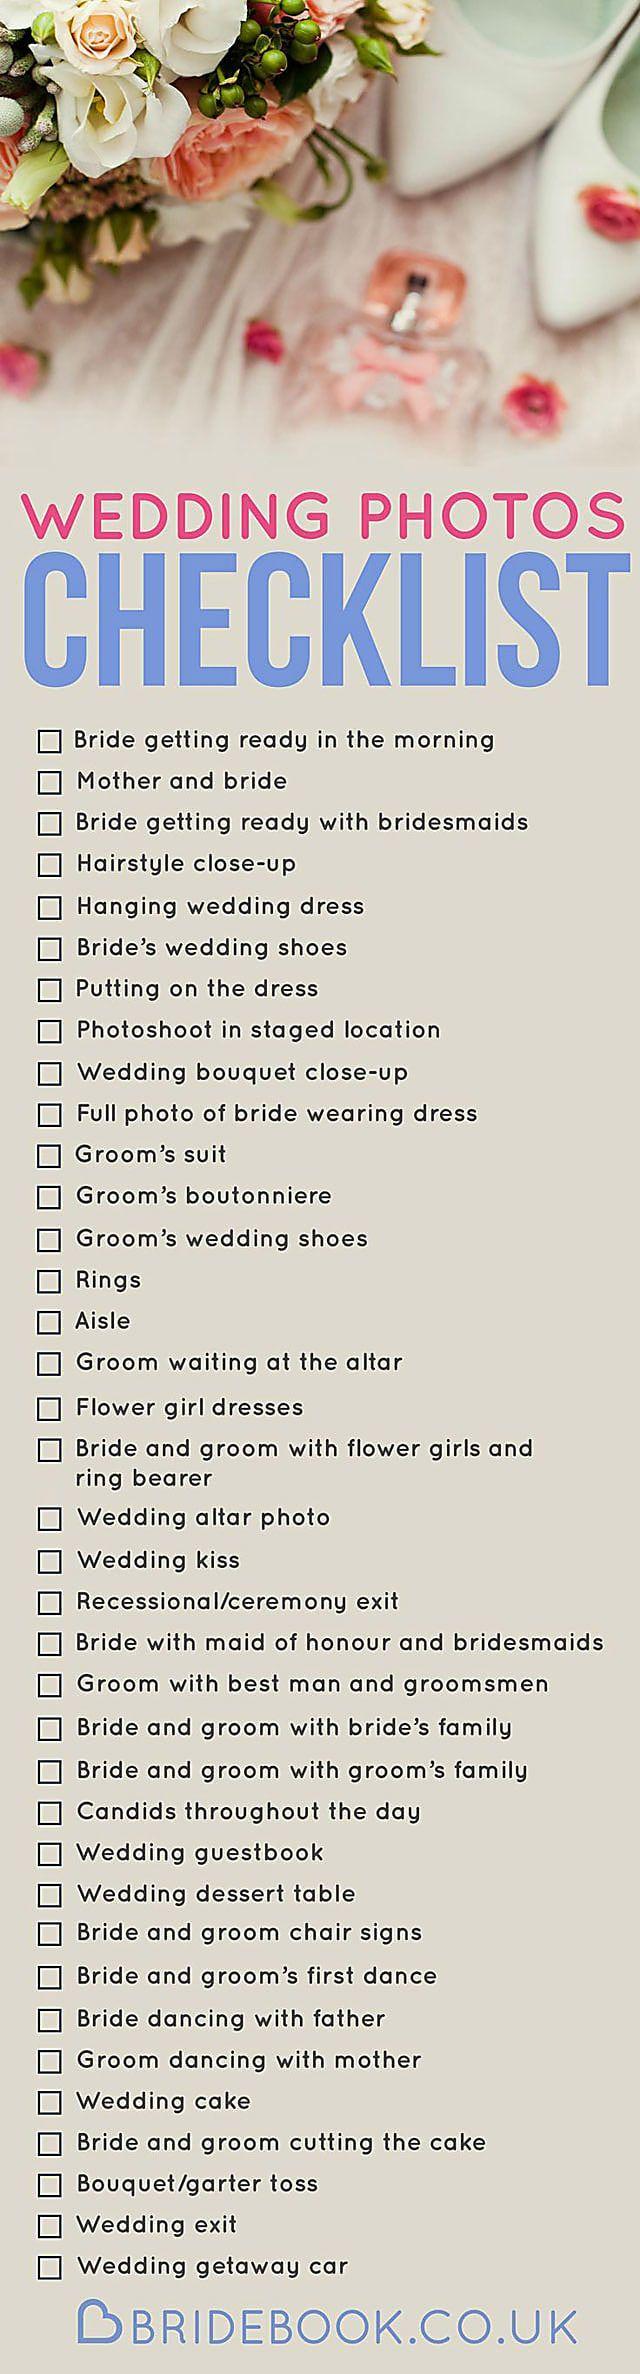 Bridebook wedding photos checklist